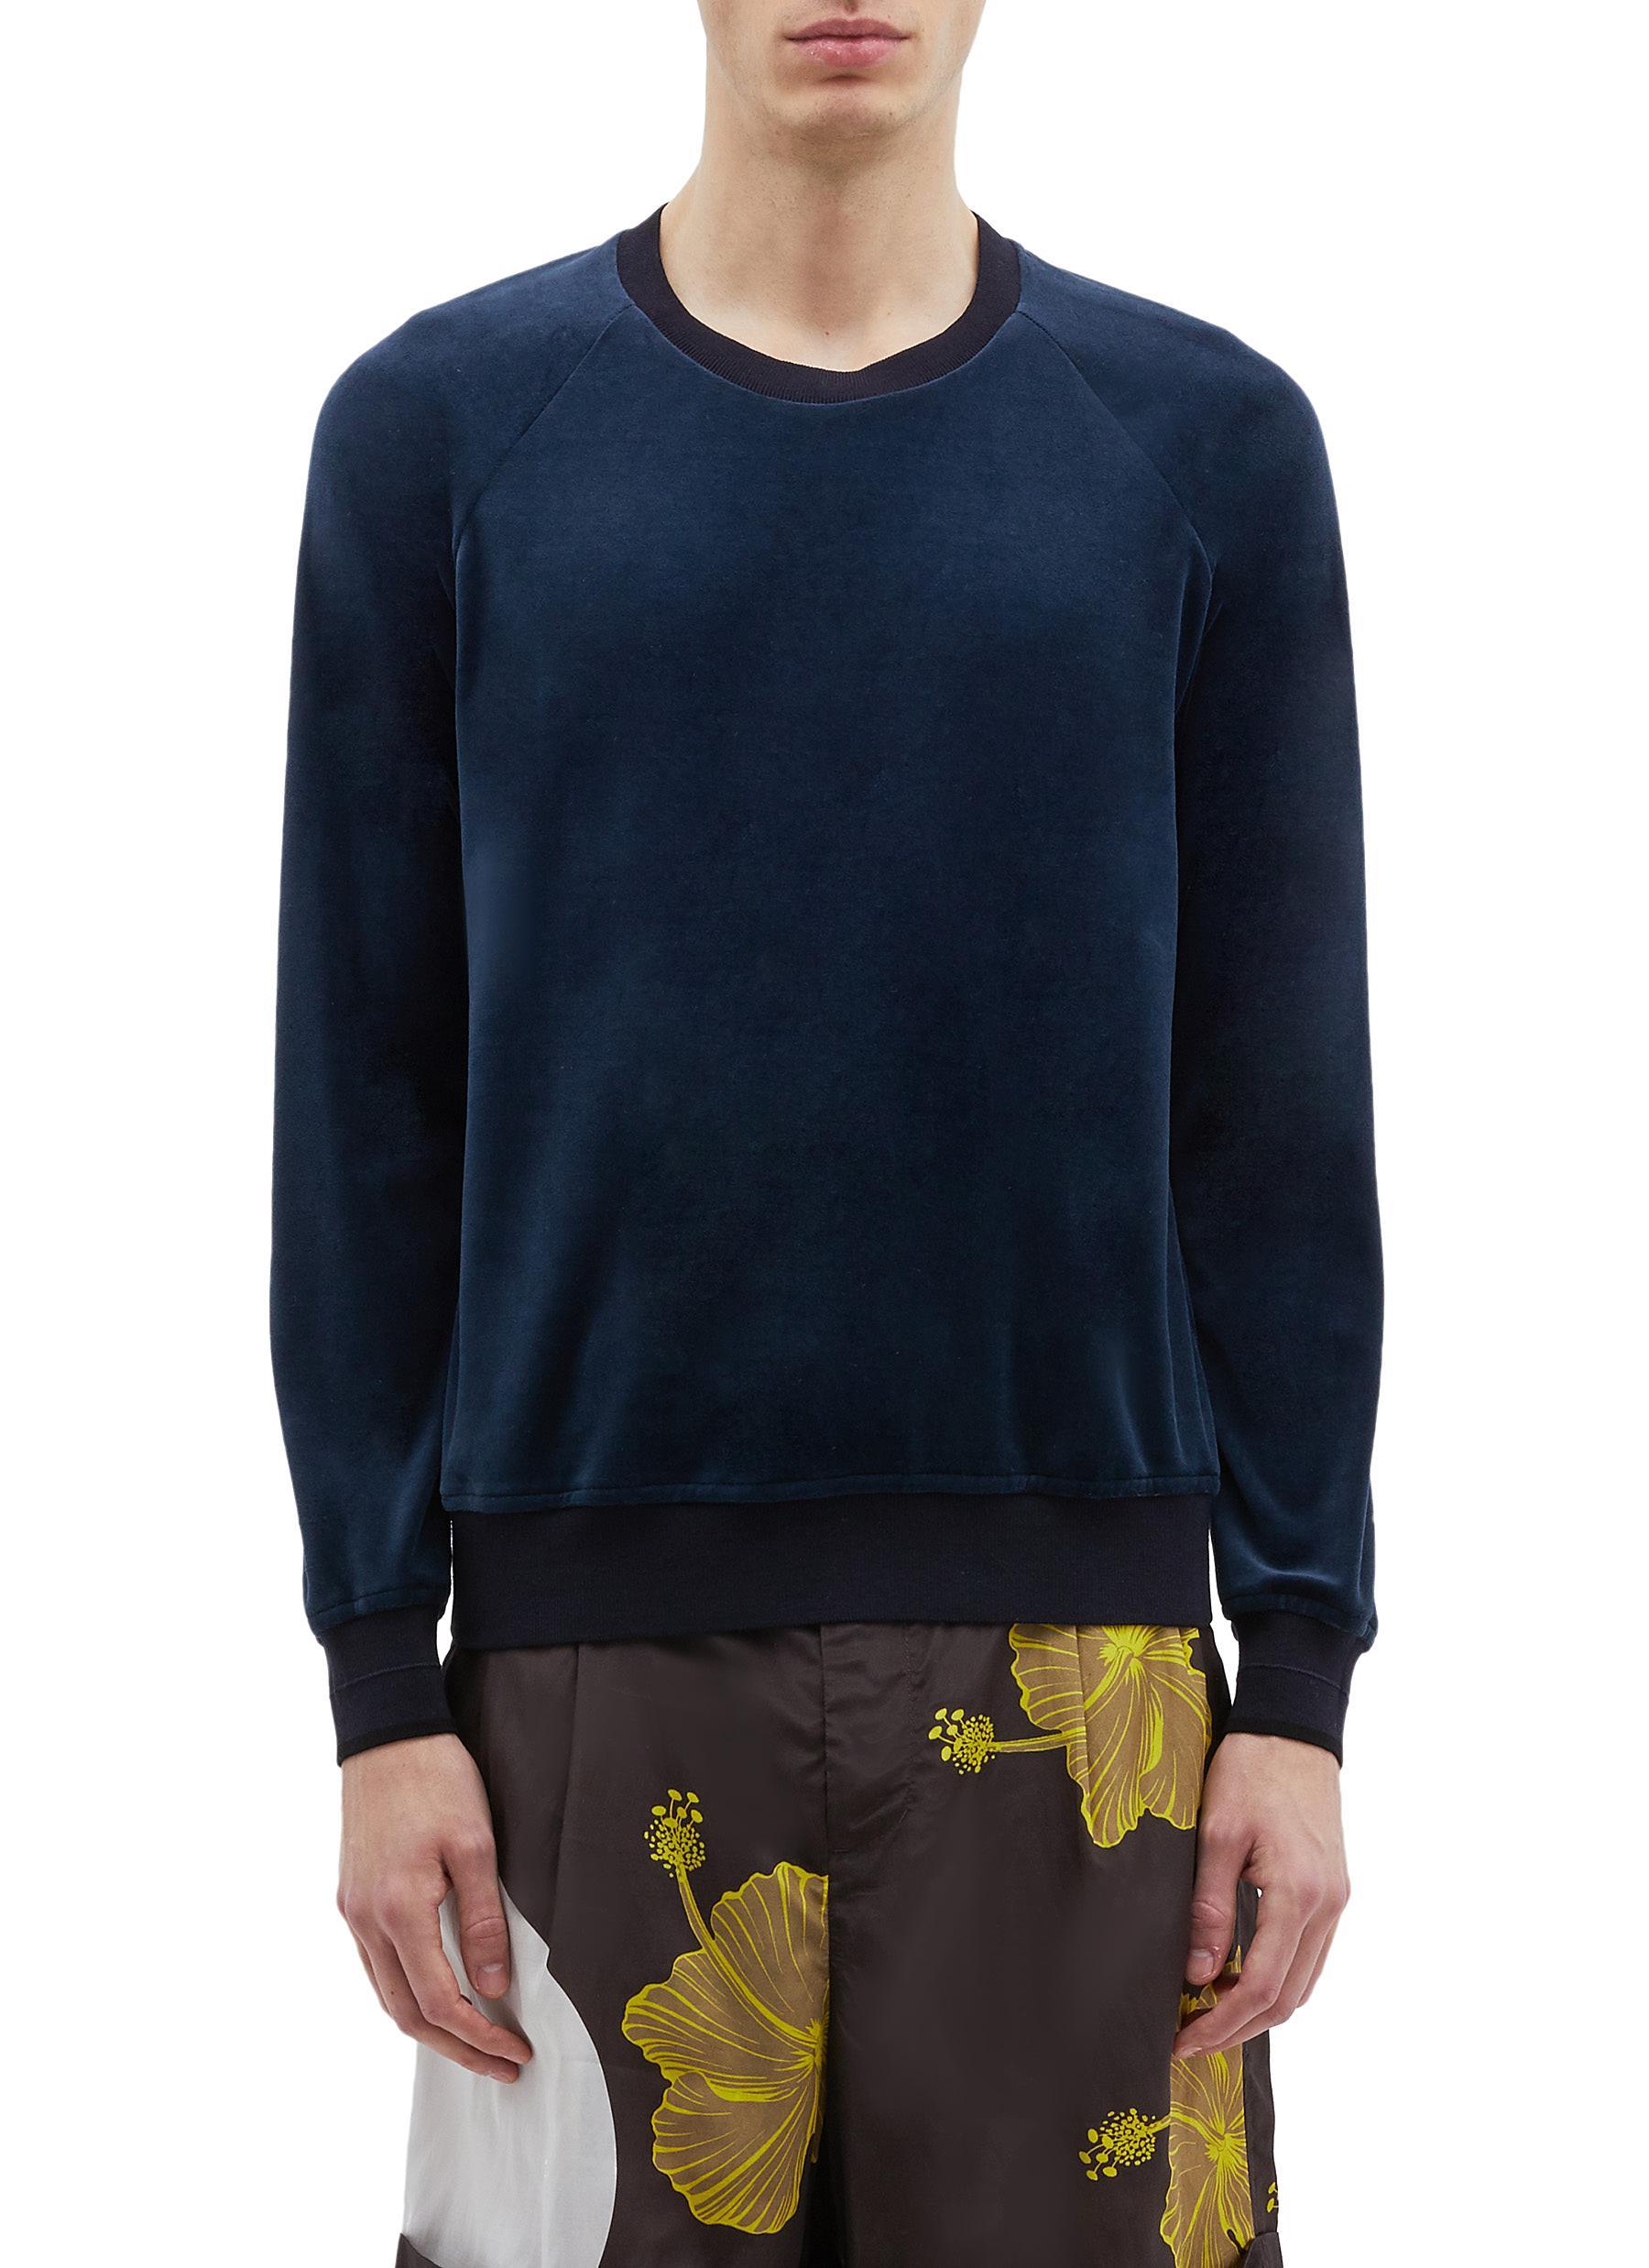 Velour raglan sweatshirt - 3.1 PHILLIP LIM - Modalova